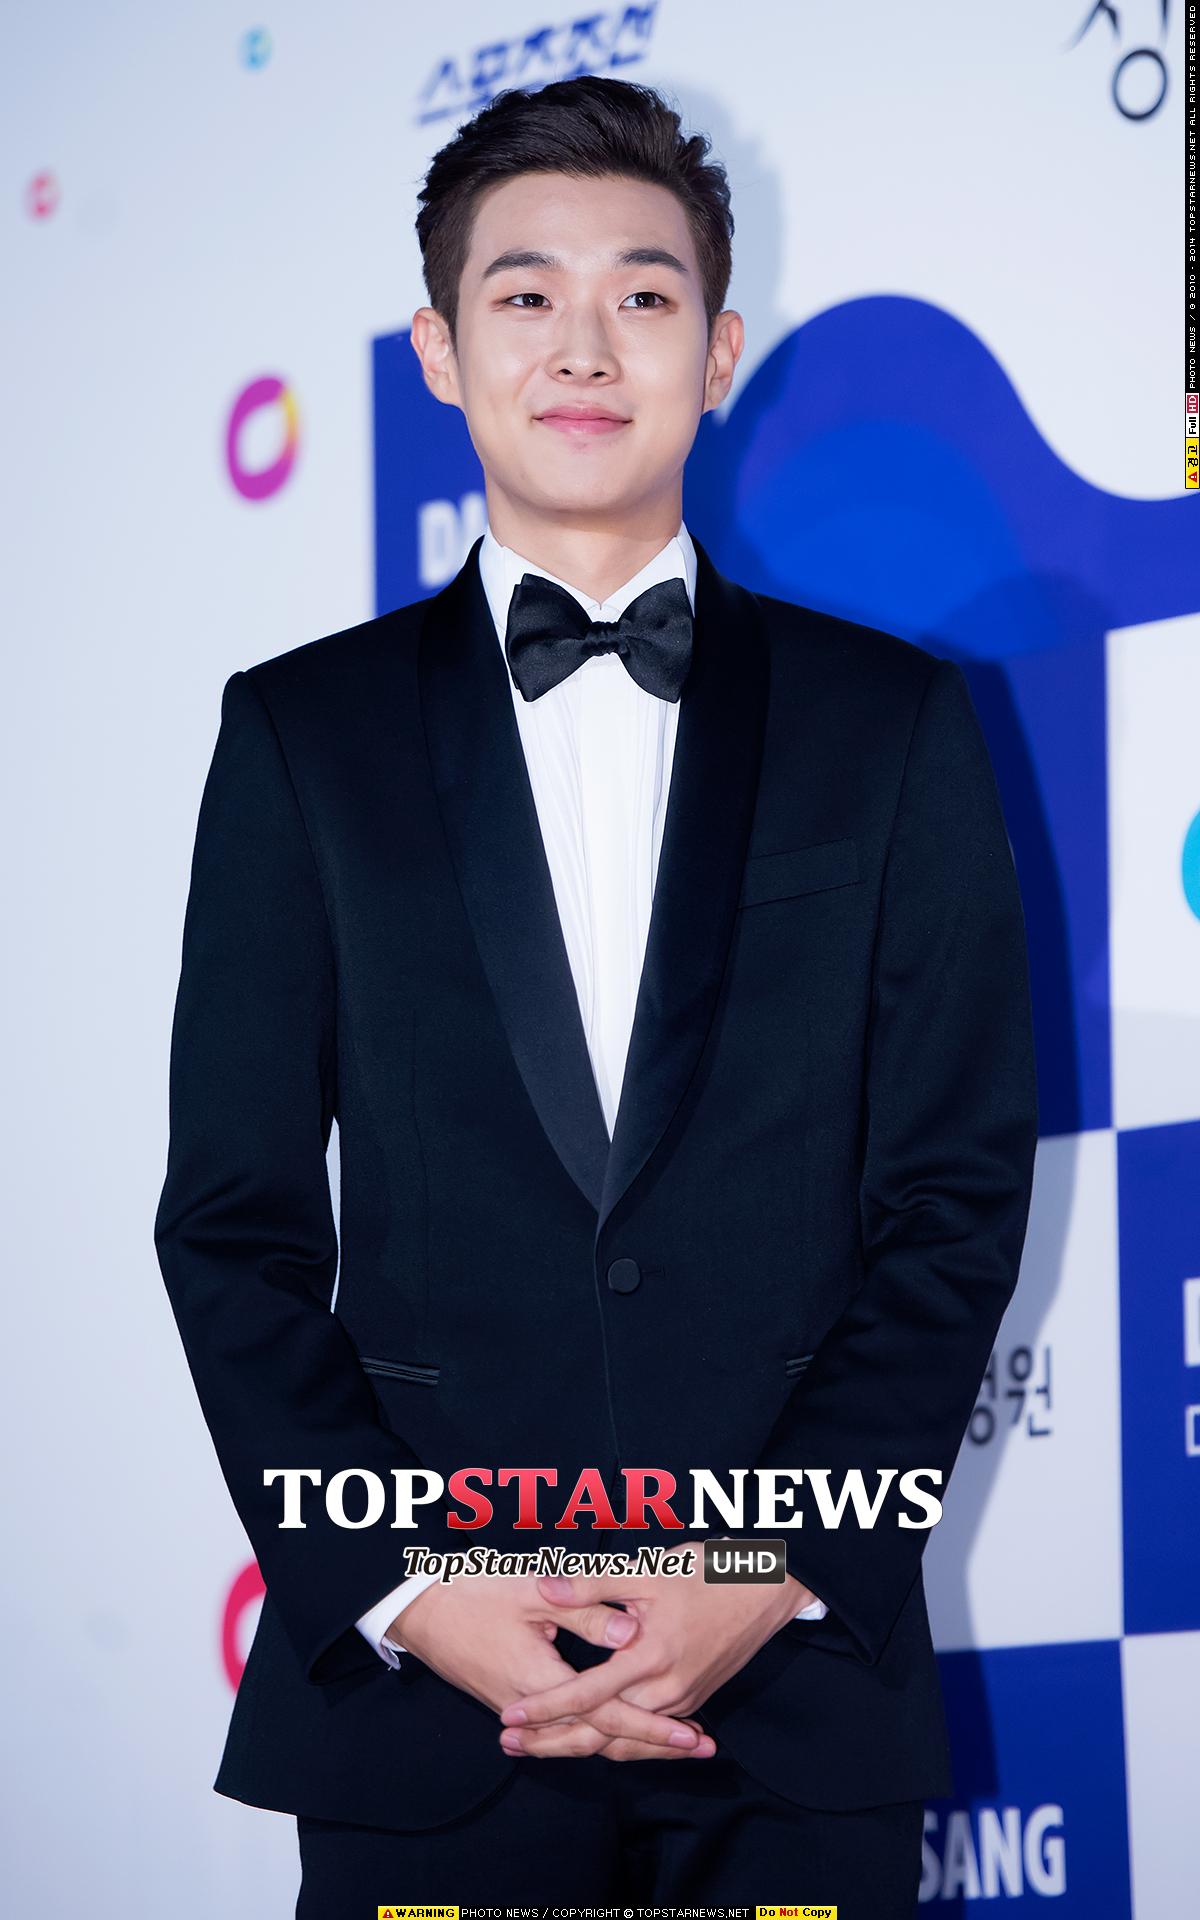 原來是JYP旗下的演員崔宇植!今年拿到野花電影獎-男新人演員奬、韓國影評獎-最佳新人男演員以及青龍電影獎-最佳新人男演員三項獎項的他,其實以前也出演了不少作品呦!